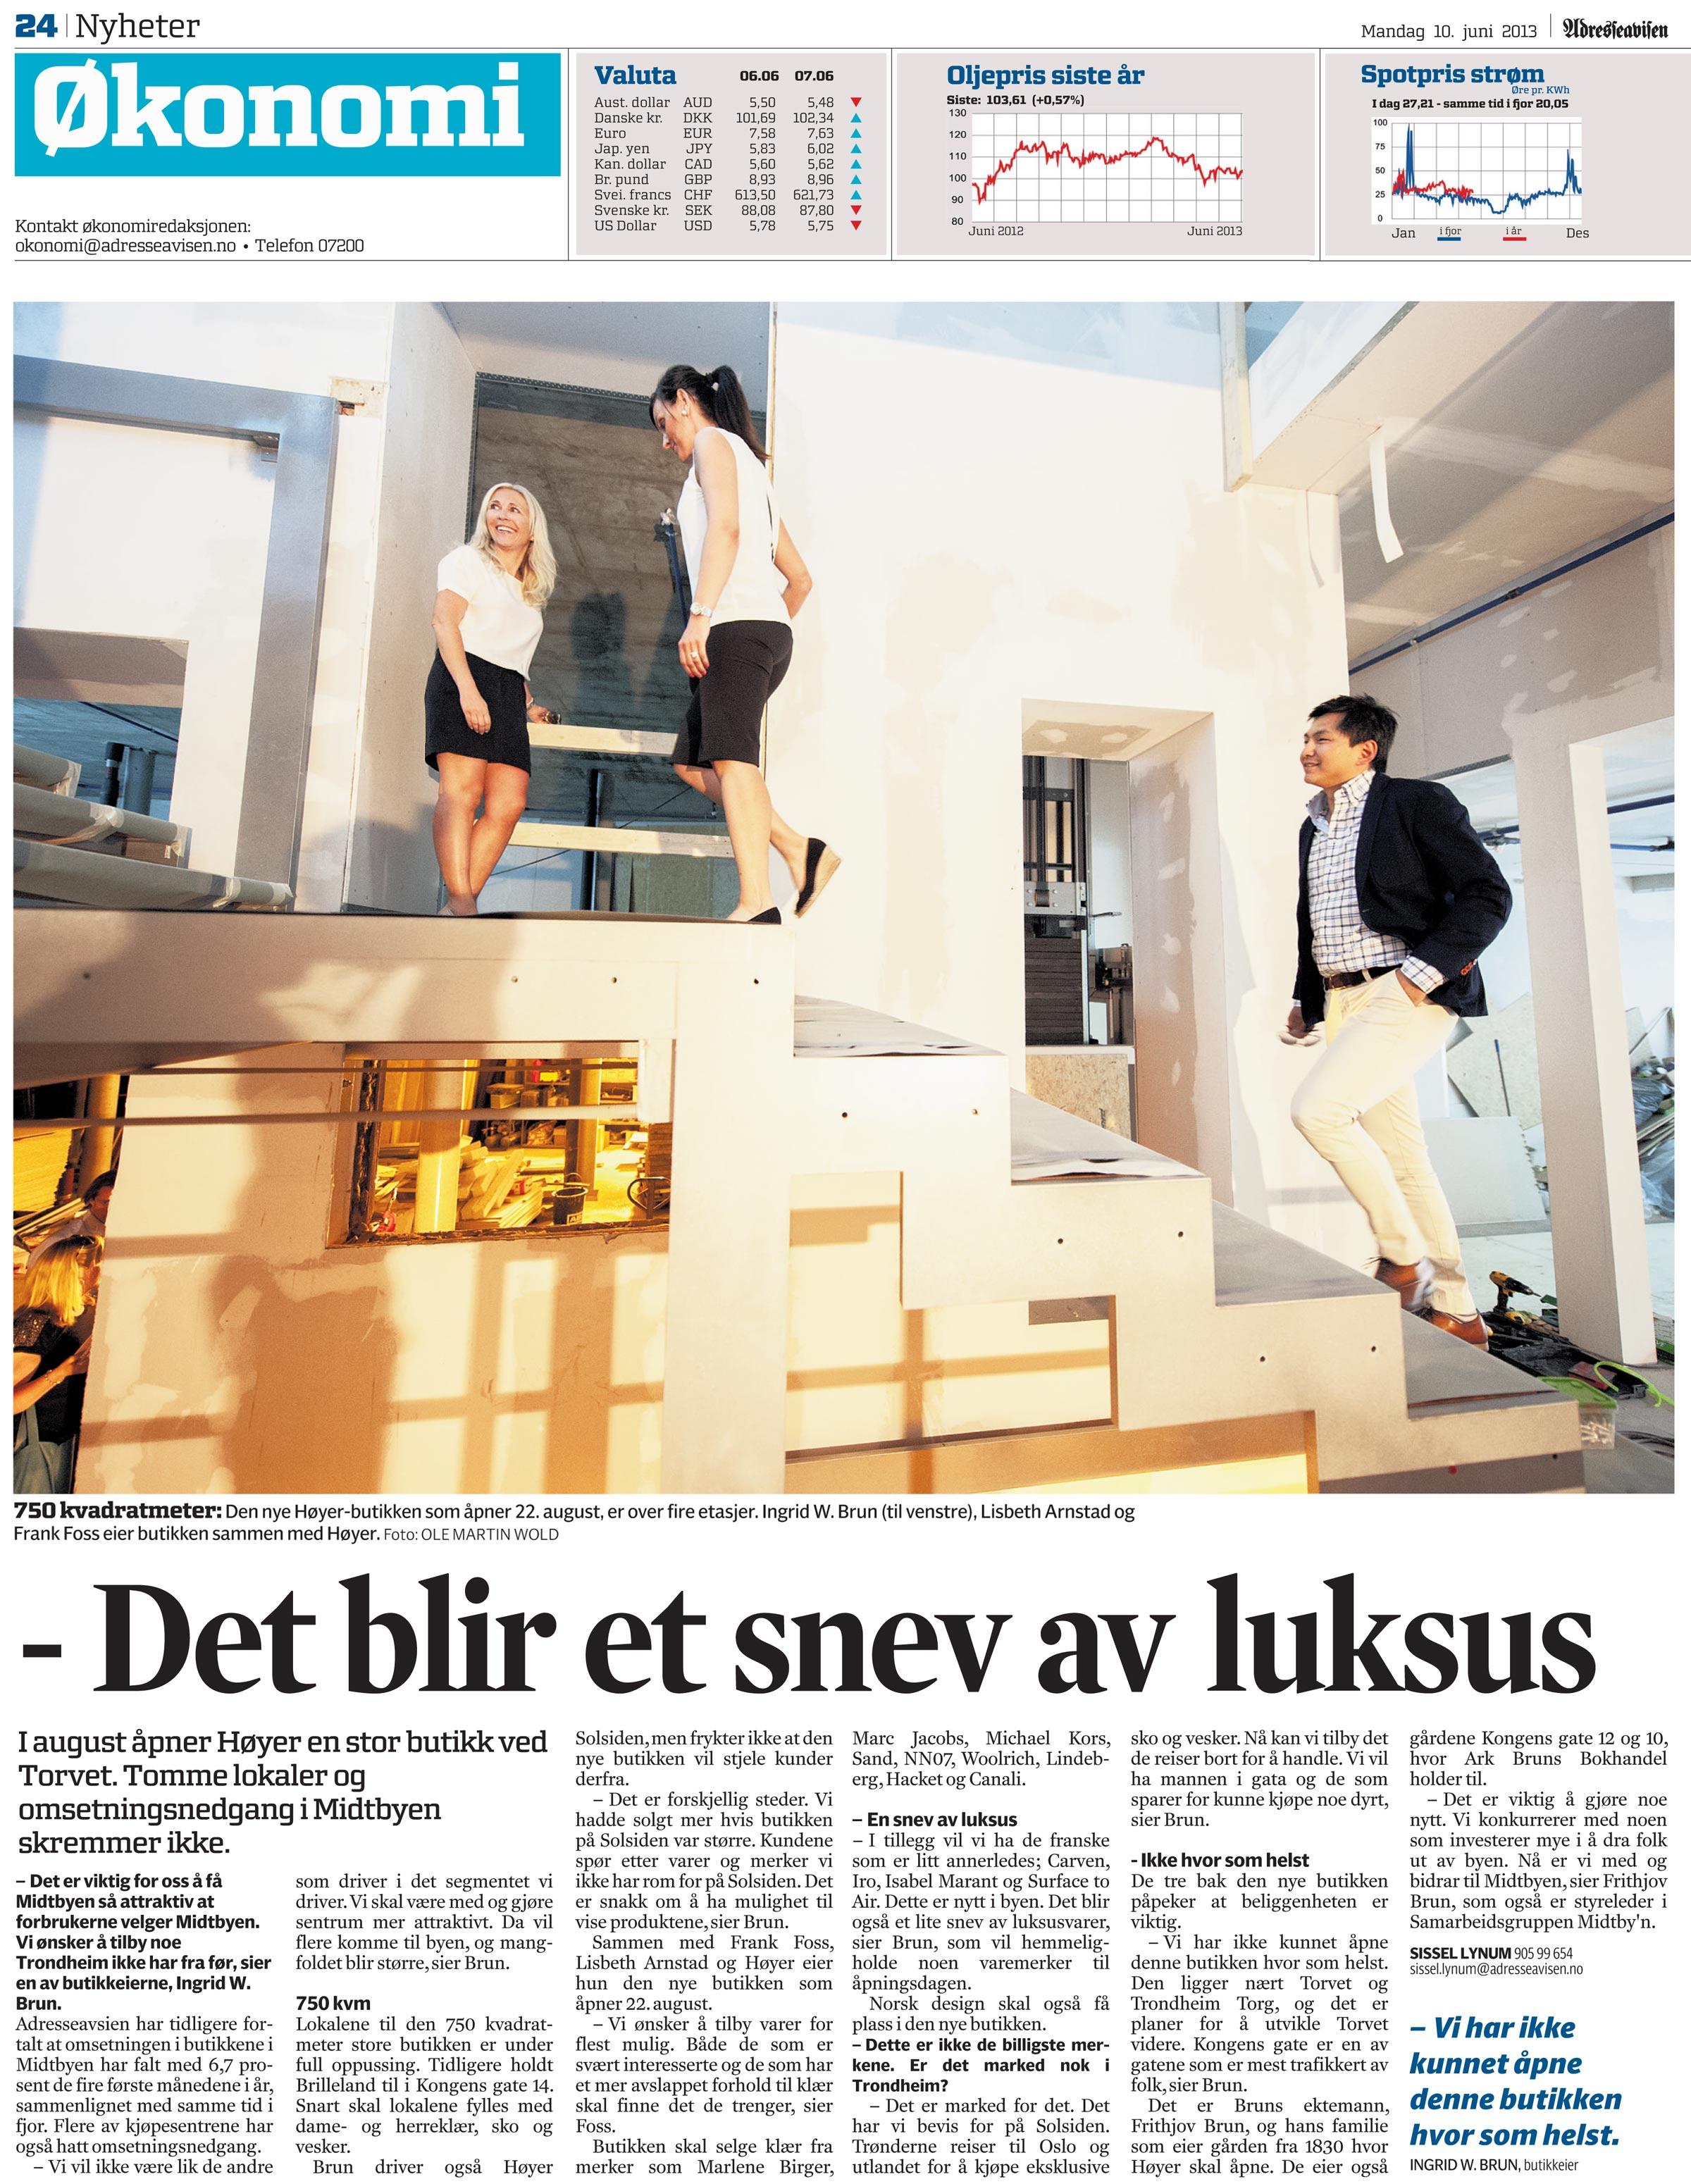 Adressa_okonomi_det_blir_et_snev_av_luksus_Hoyer_butikk_ved_torget_Midtbyen_Trondheim_del1